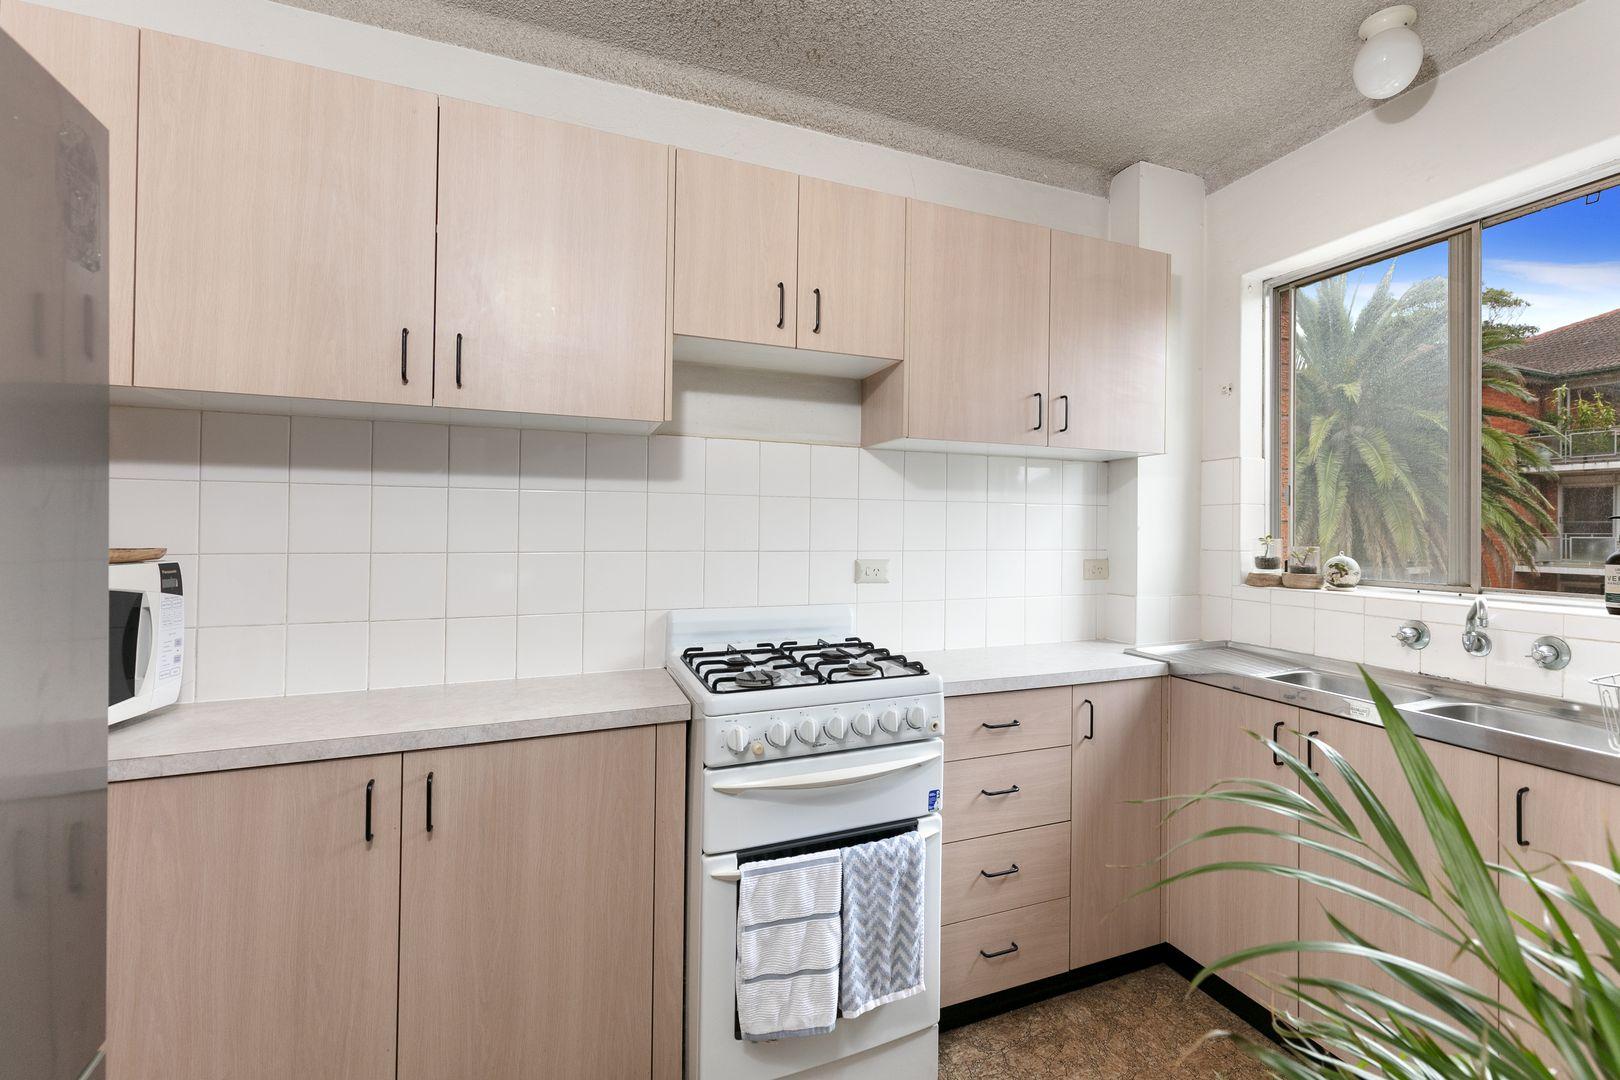 13/3 Greenwood  Place, Freshwater NSW 2096, Image 1